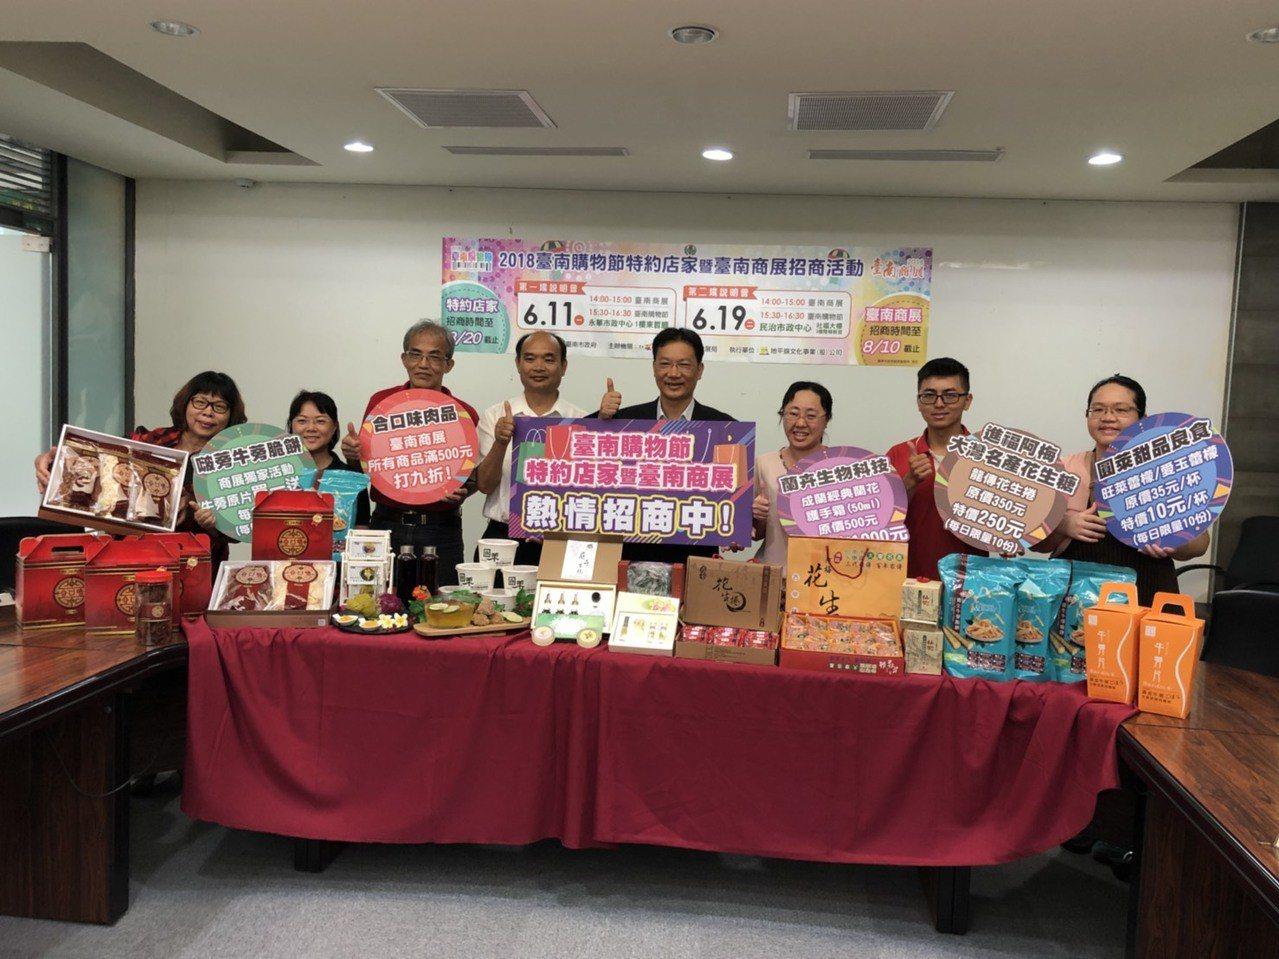 台南購物節10月27日開跑至12月31日。圖/台南市經濟發展局提供